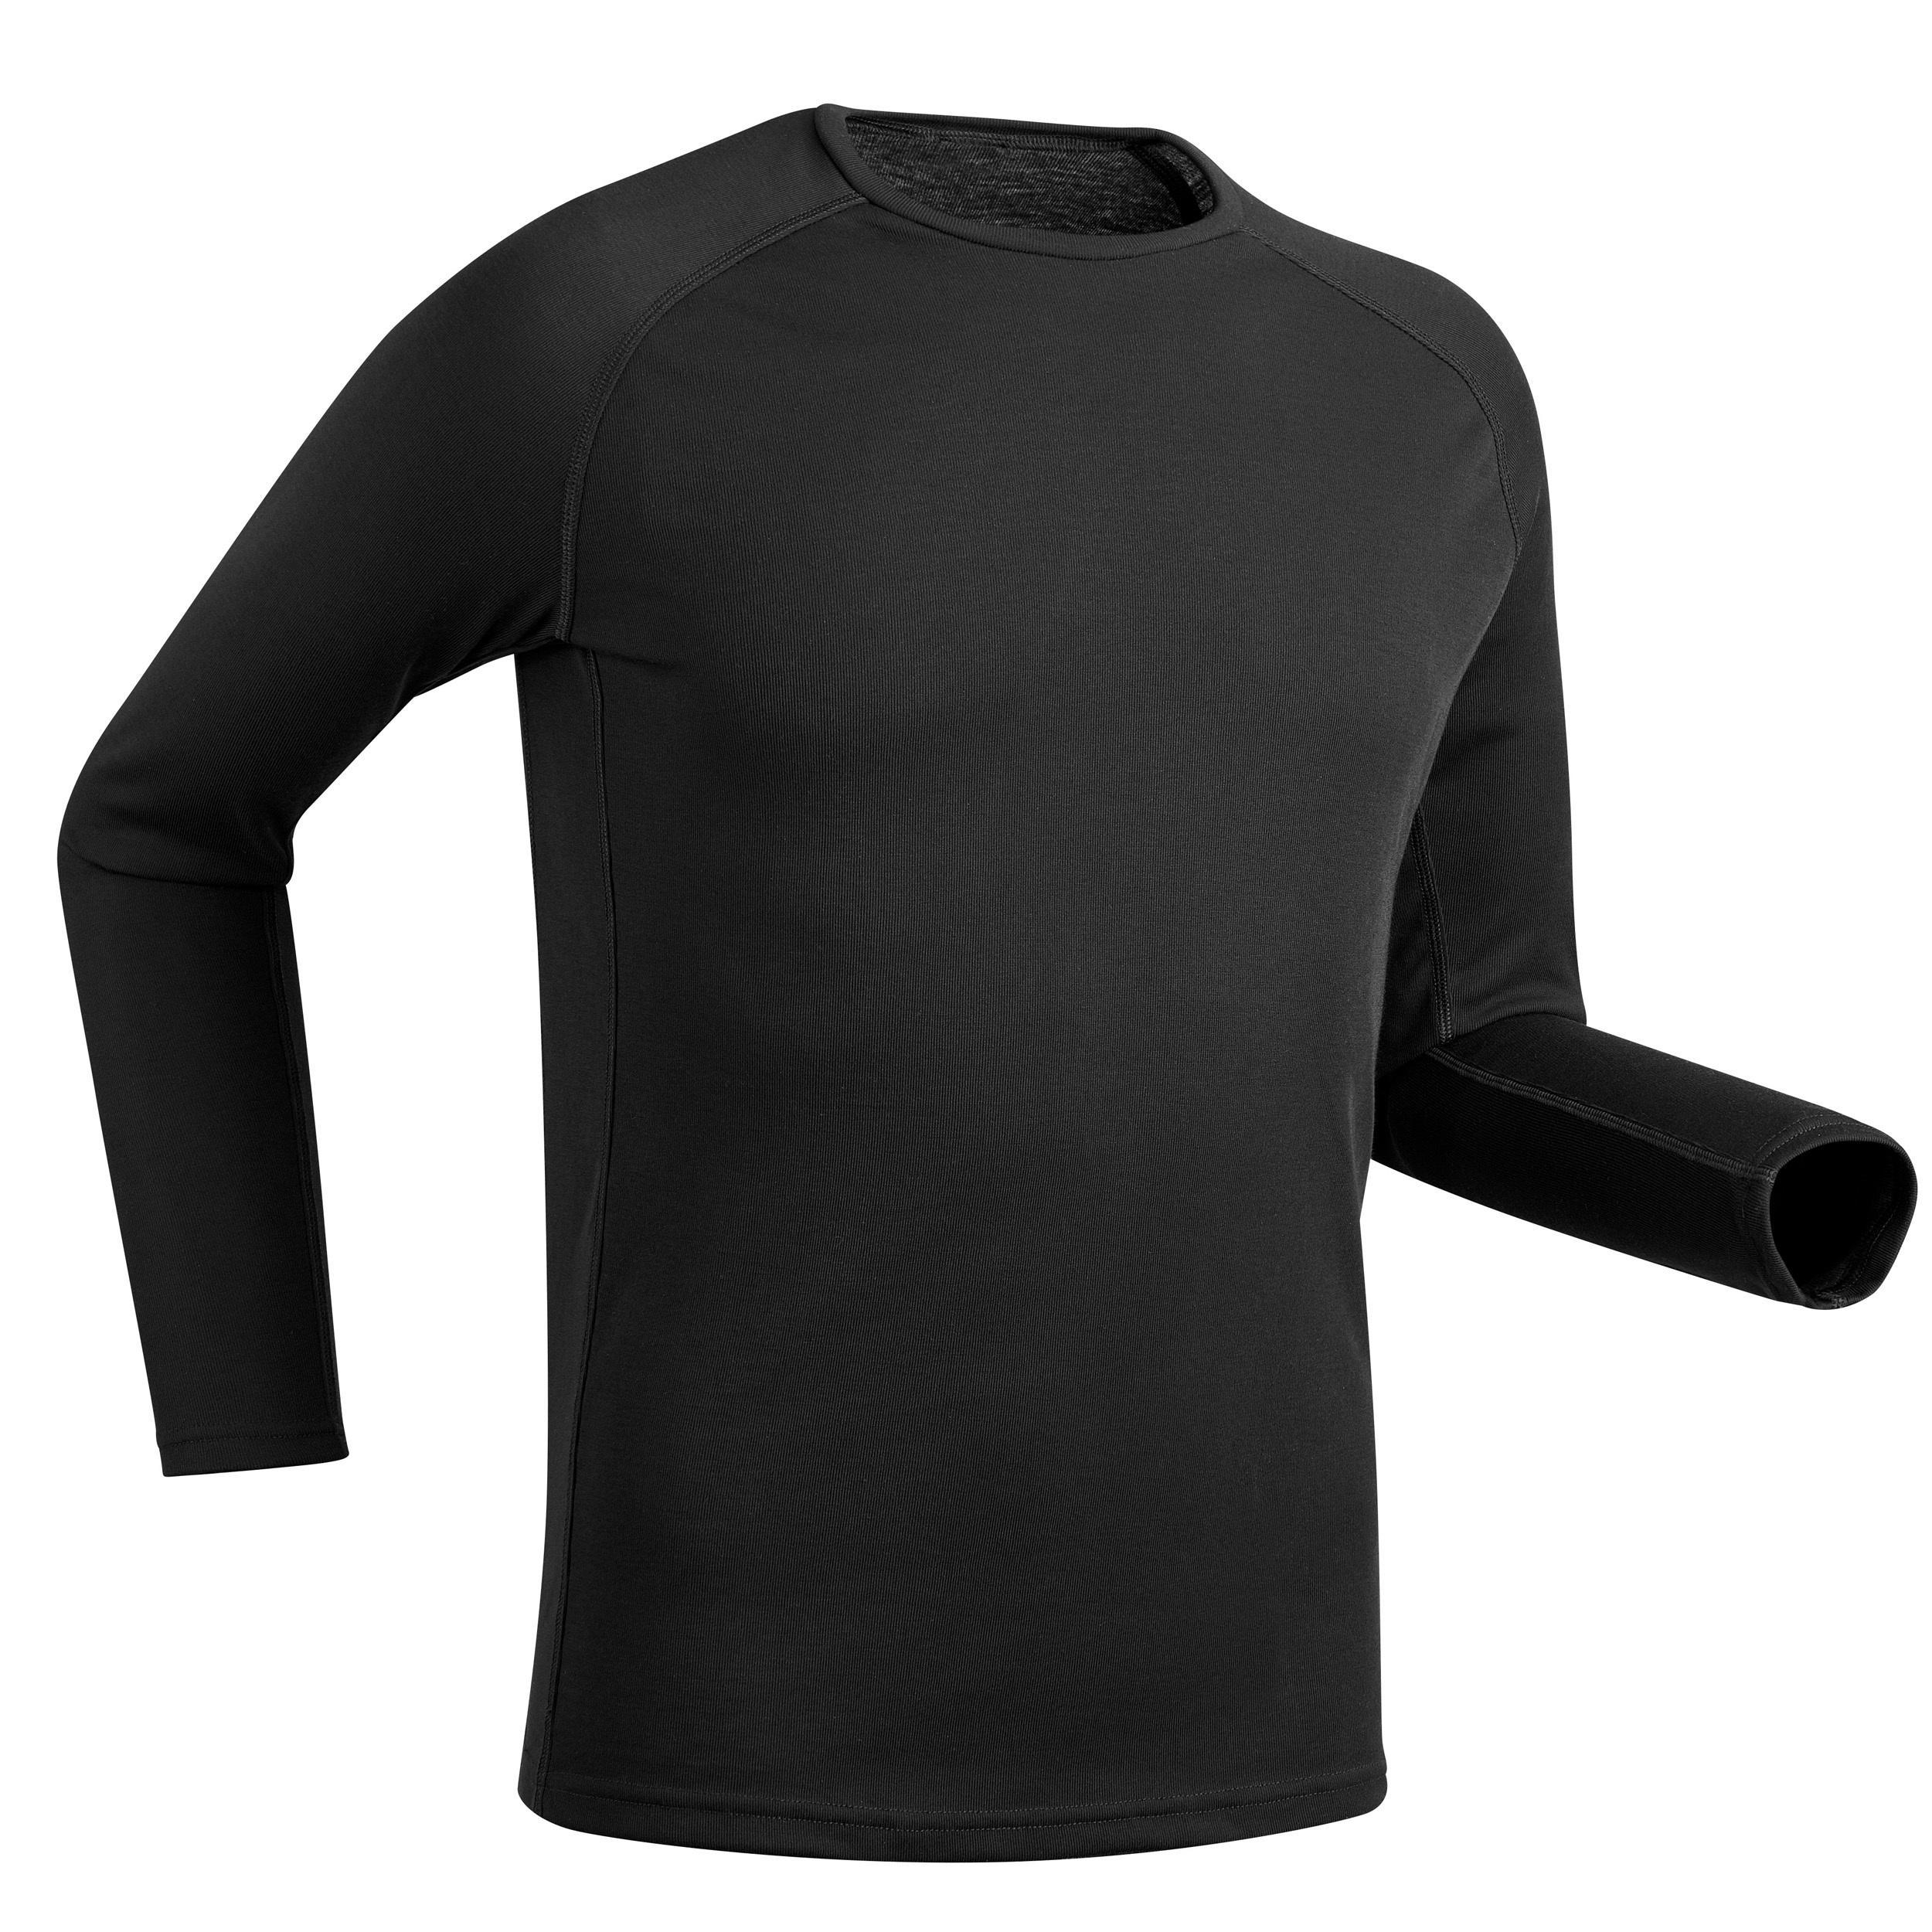 Skiunterhemd 100 Herren schwarz   Sportbekleidung > Funktionswäsche > Thermounterwäsche   Wedze